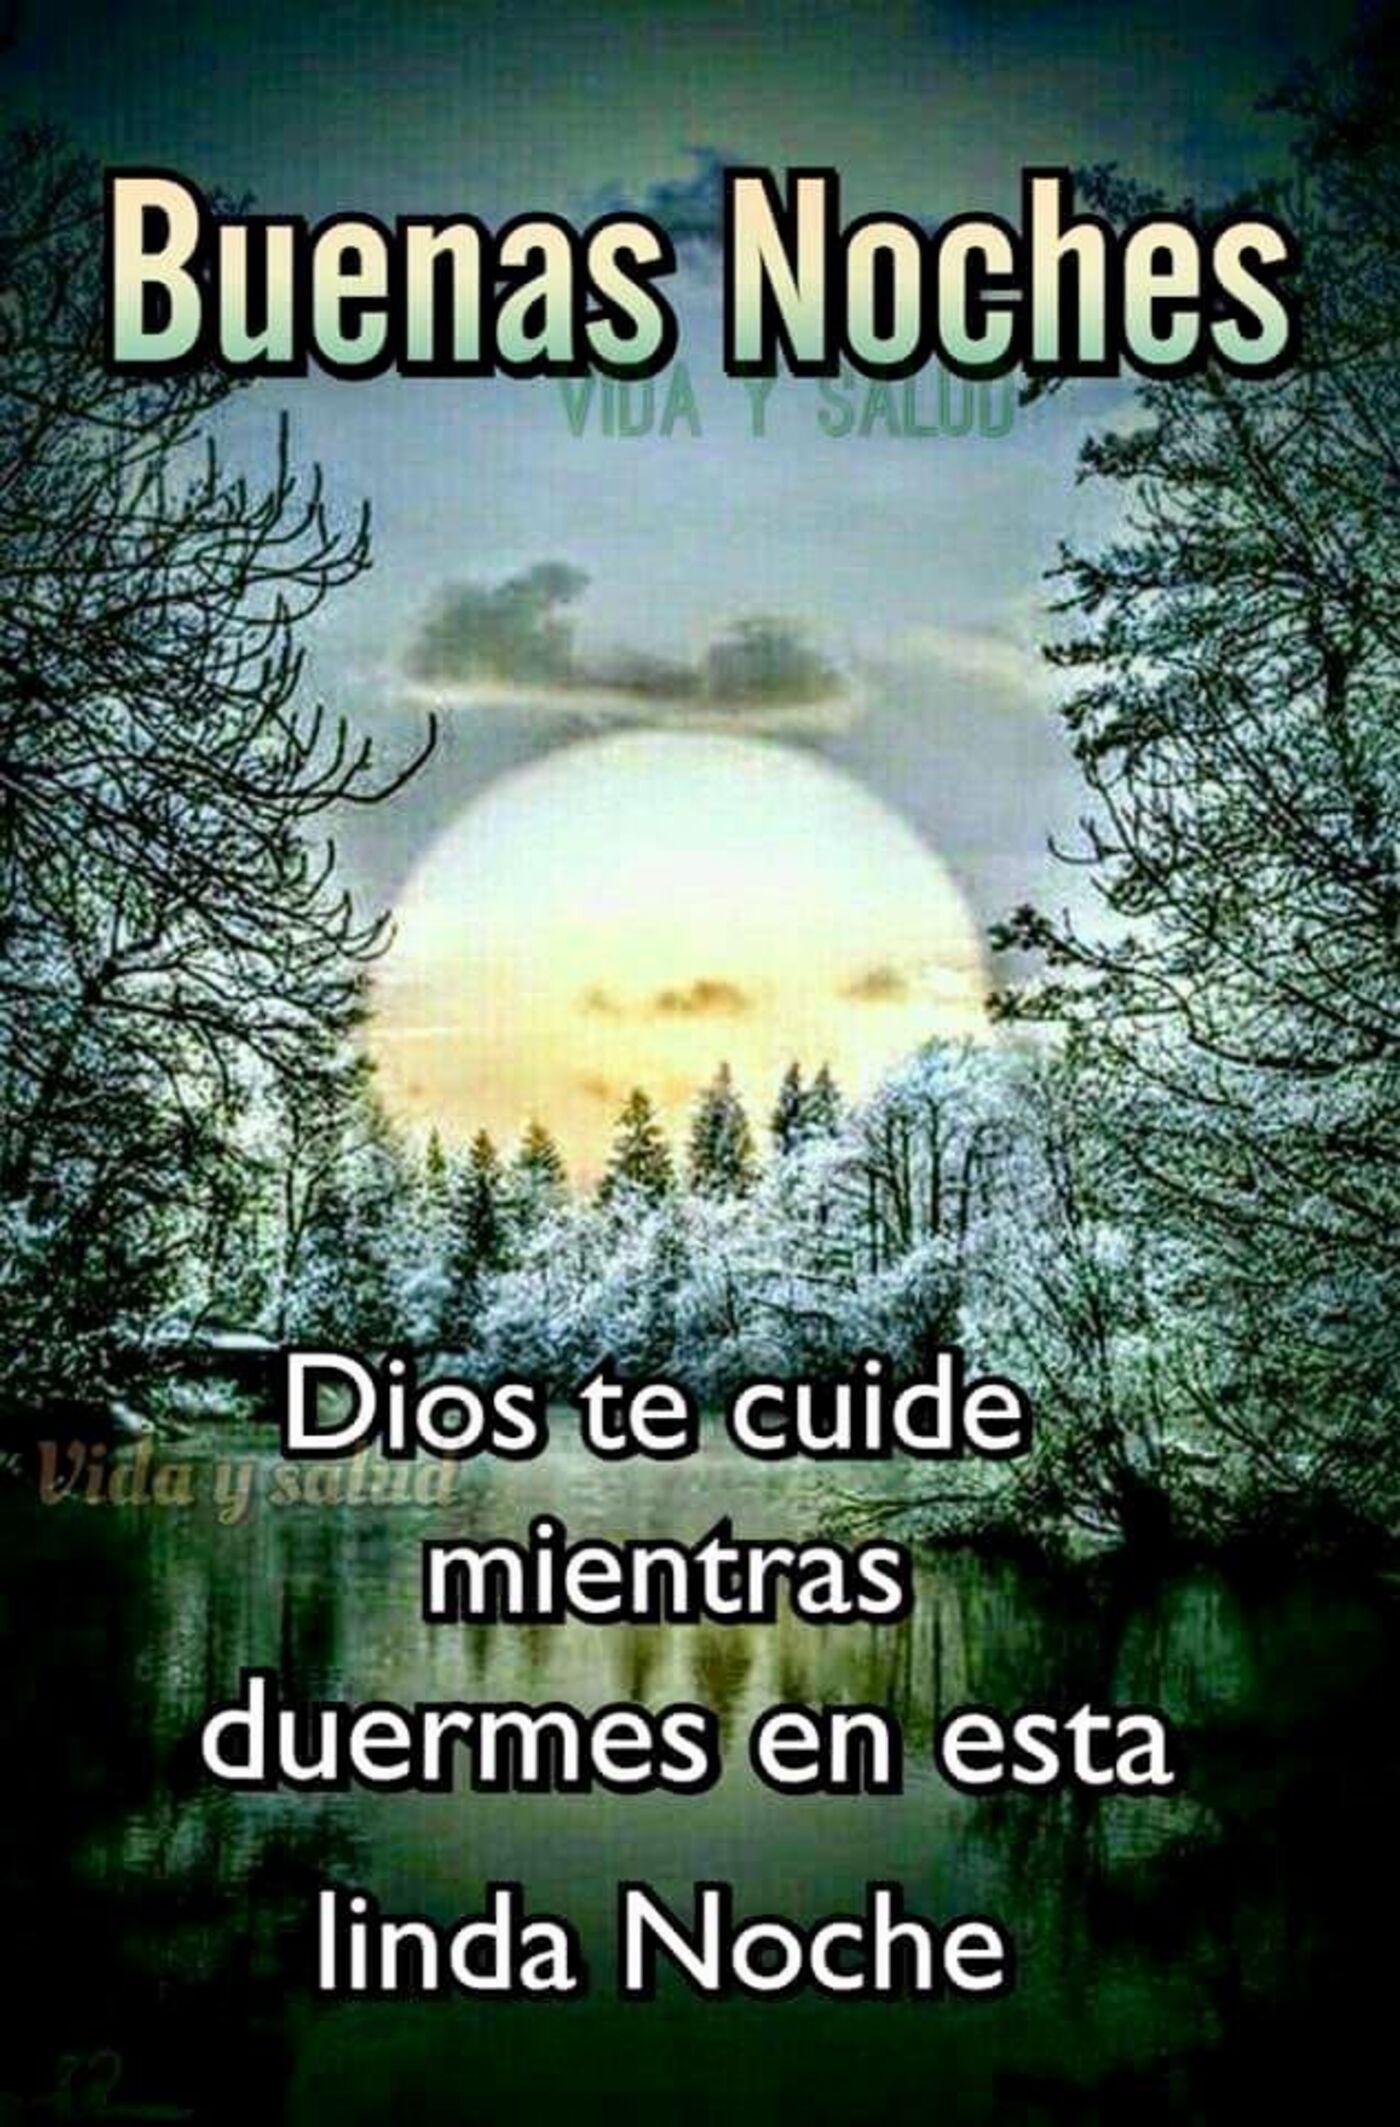 Buenas noches Dios te cuide mientras duermes en este linda noche